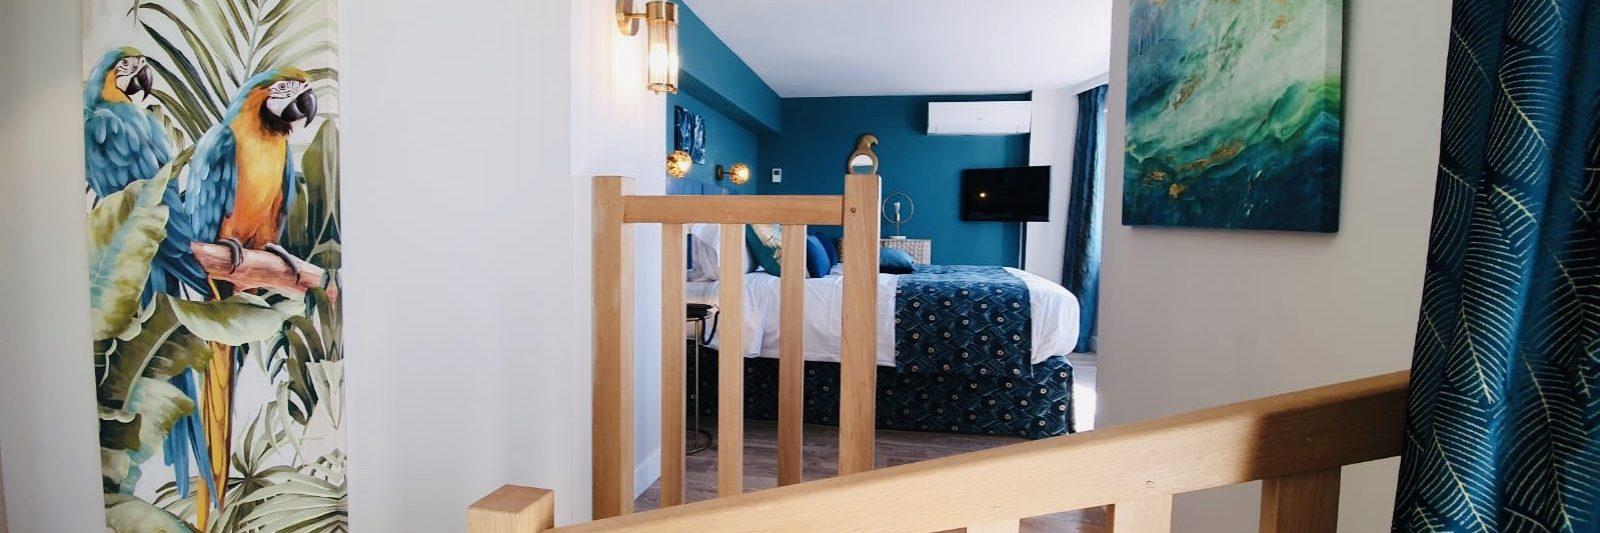 Hôtel Le Paquebot-Cabine 102-202-Villerville-Normandie